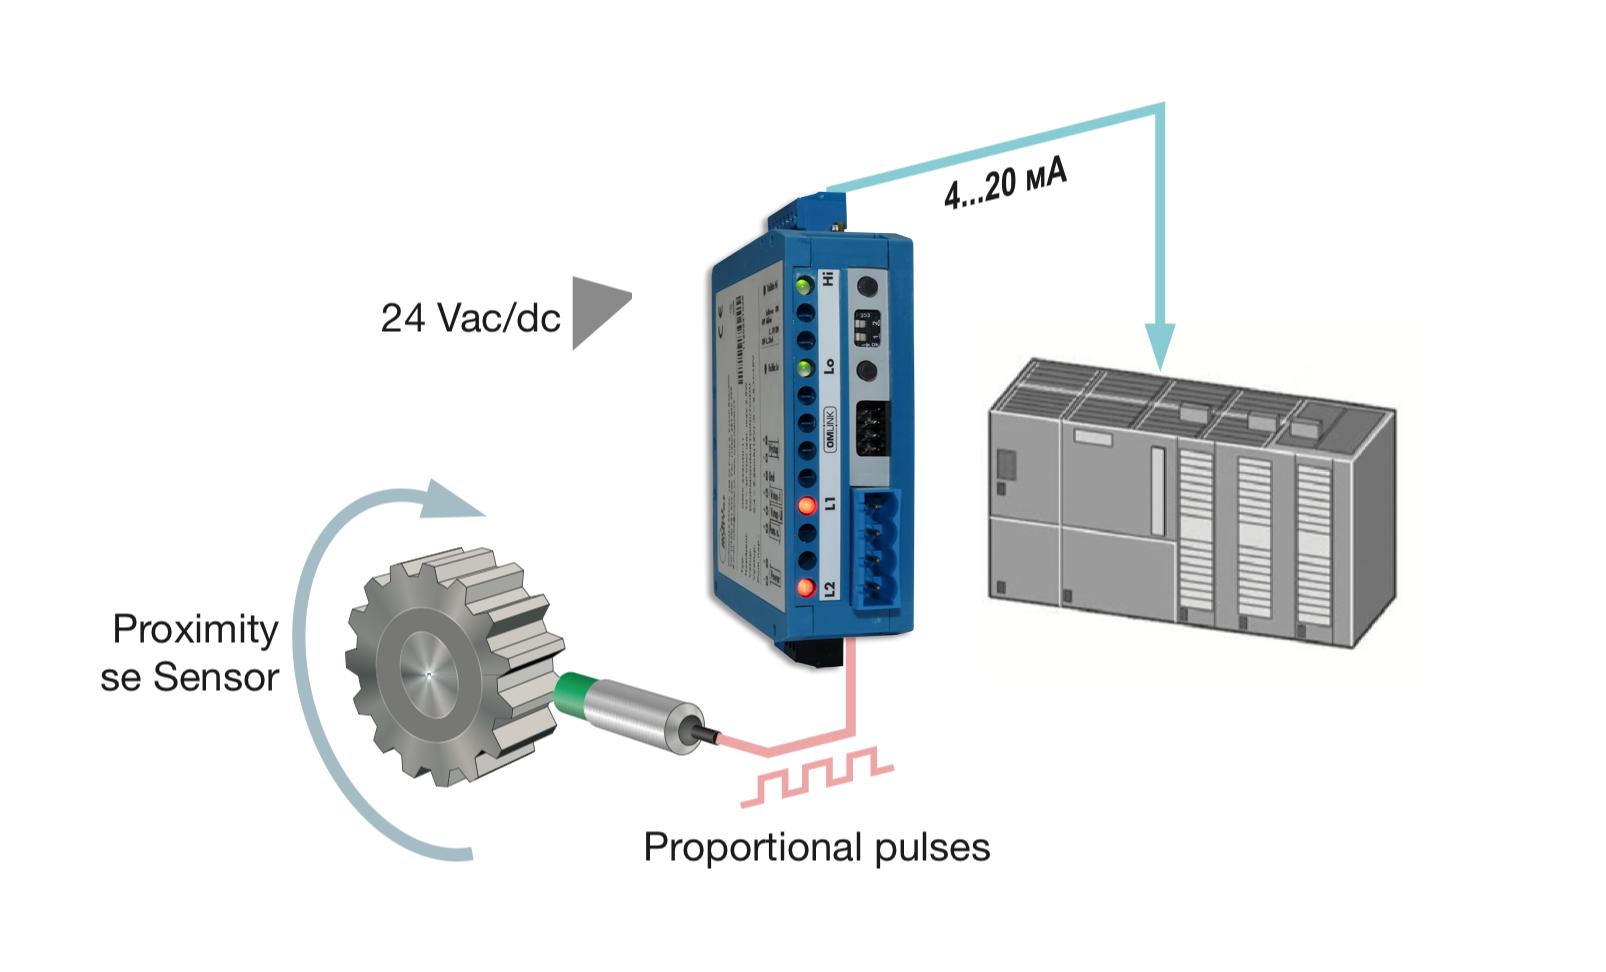 Bộ chuyển xung encoder sang 4-20MA